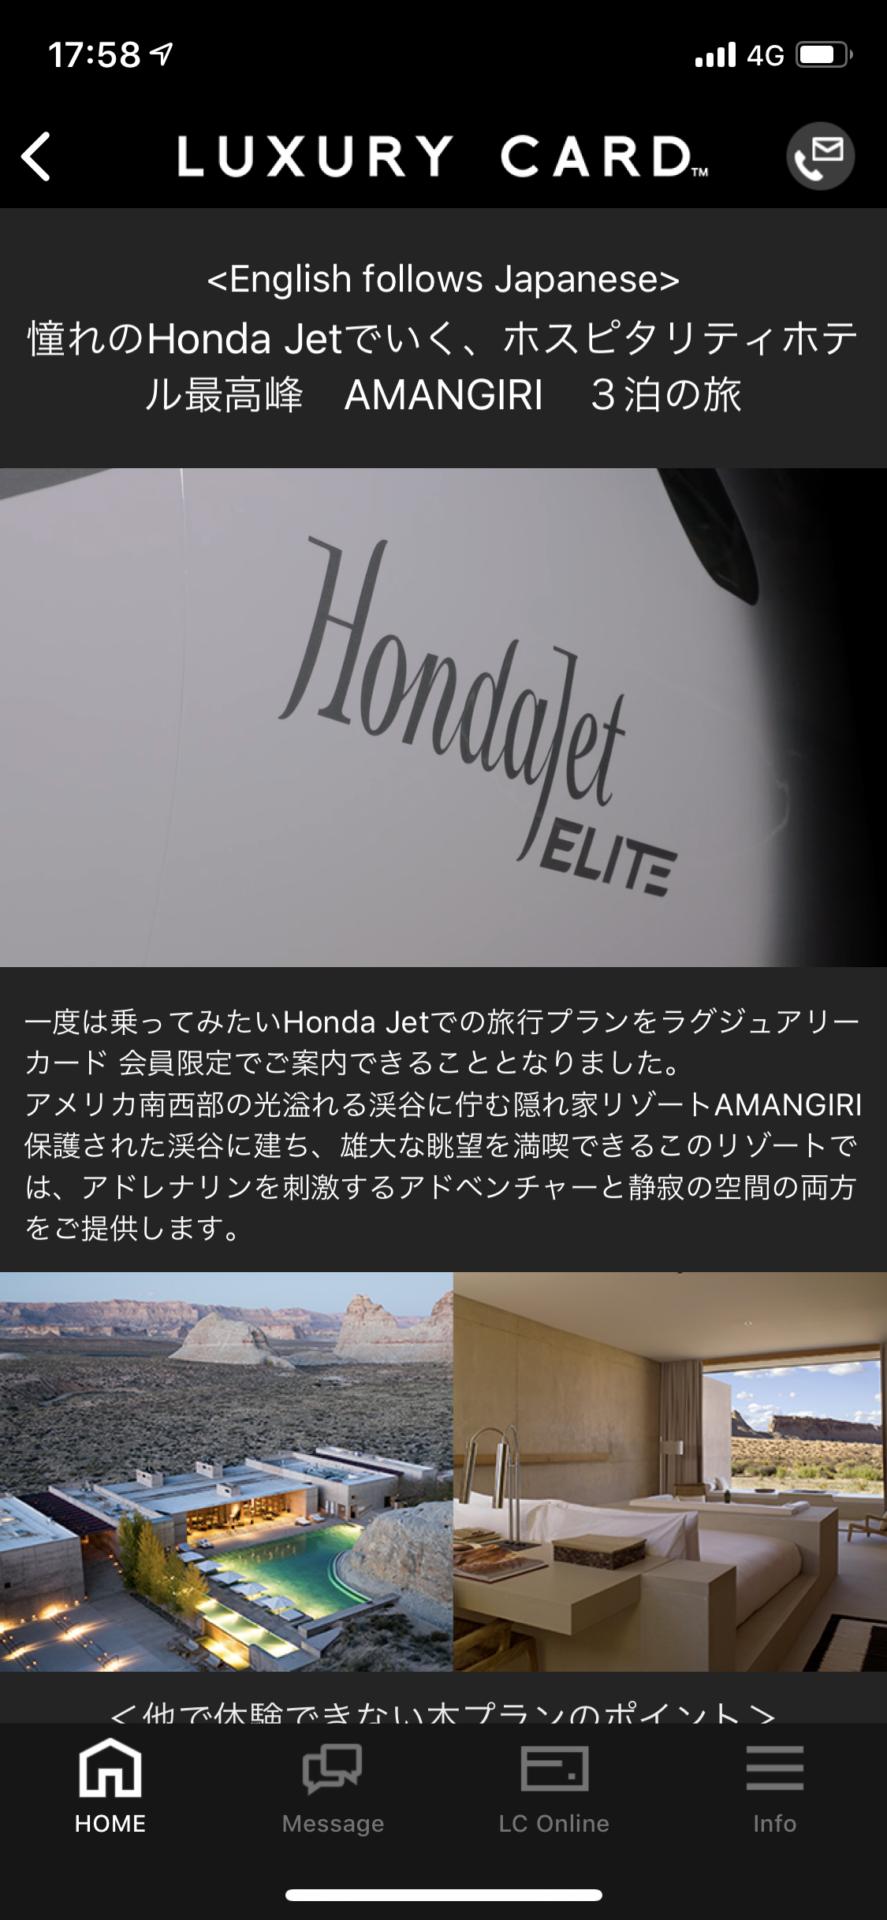 Honda Jetで行く、ホスピタリティホテル最高峰 AMANGIRI 3泊の旅